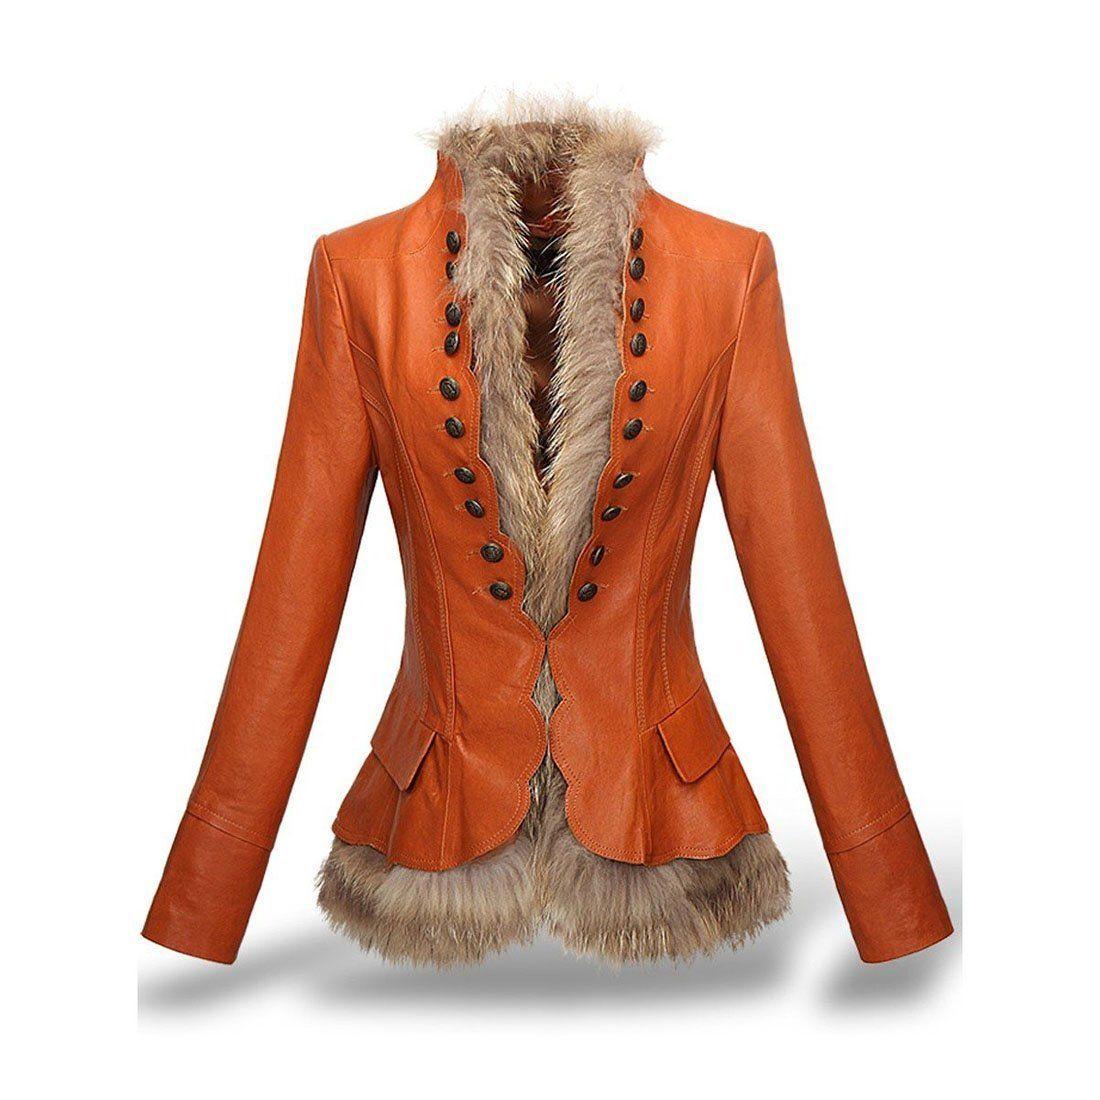 Women's Jacket Faux Leather Rivet Slim Thick Fur Liner